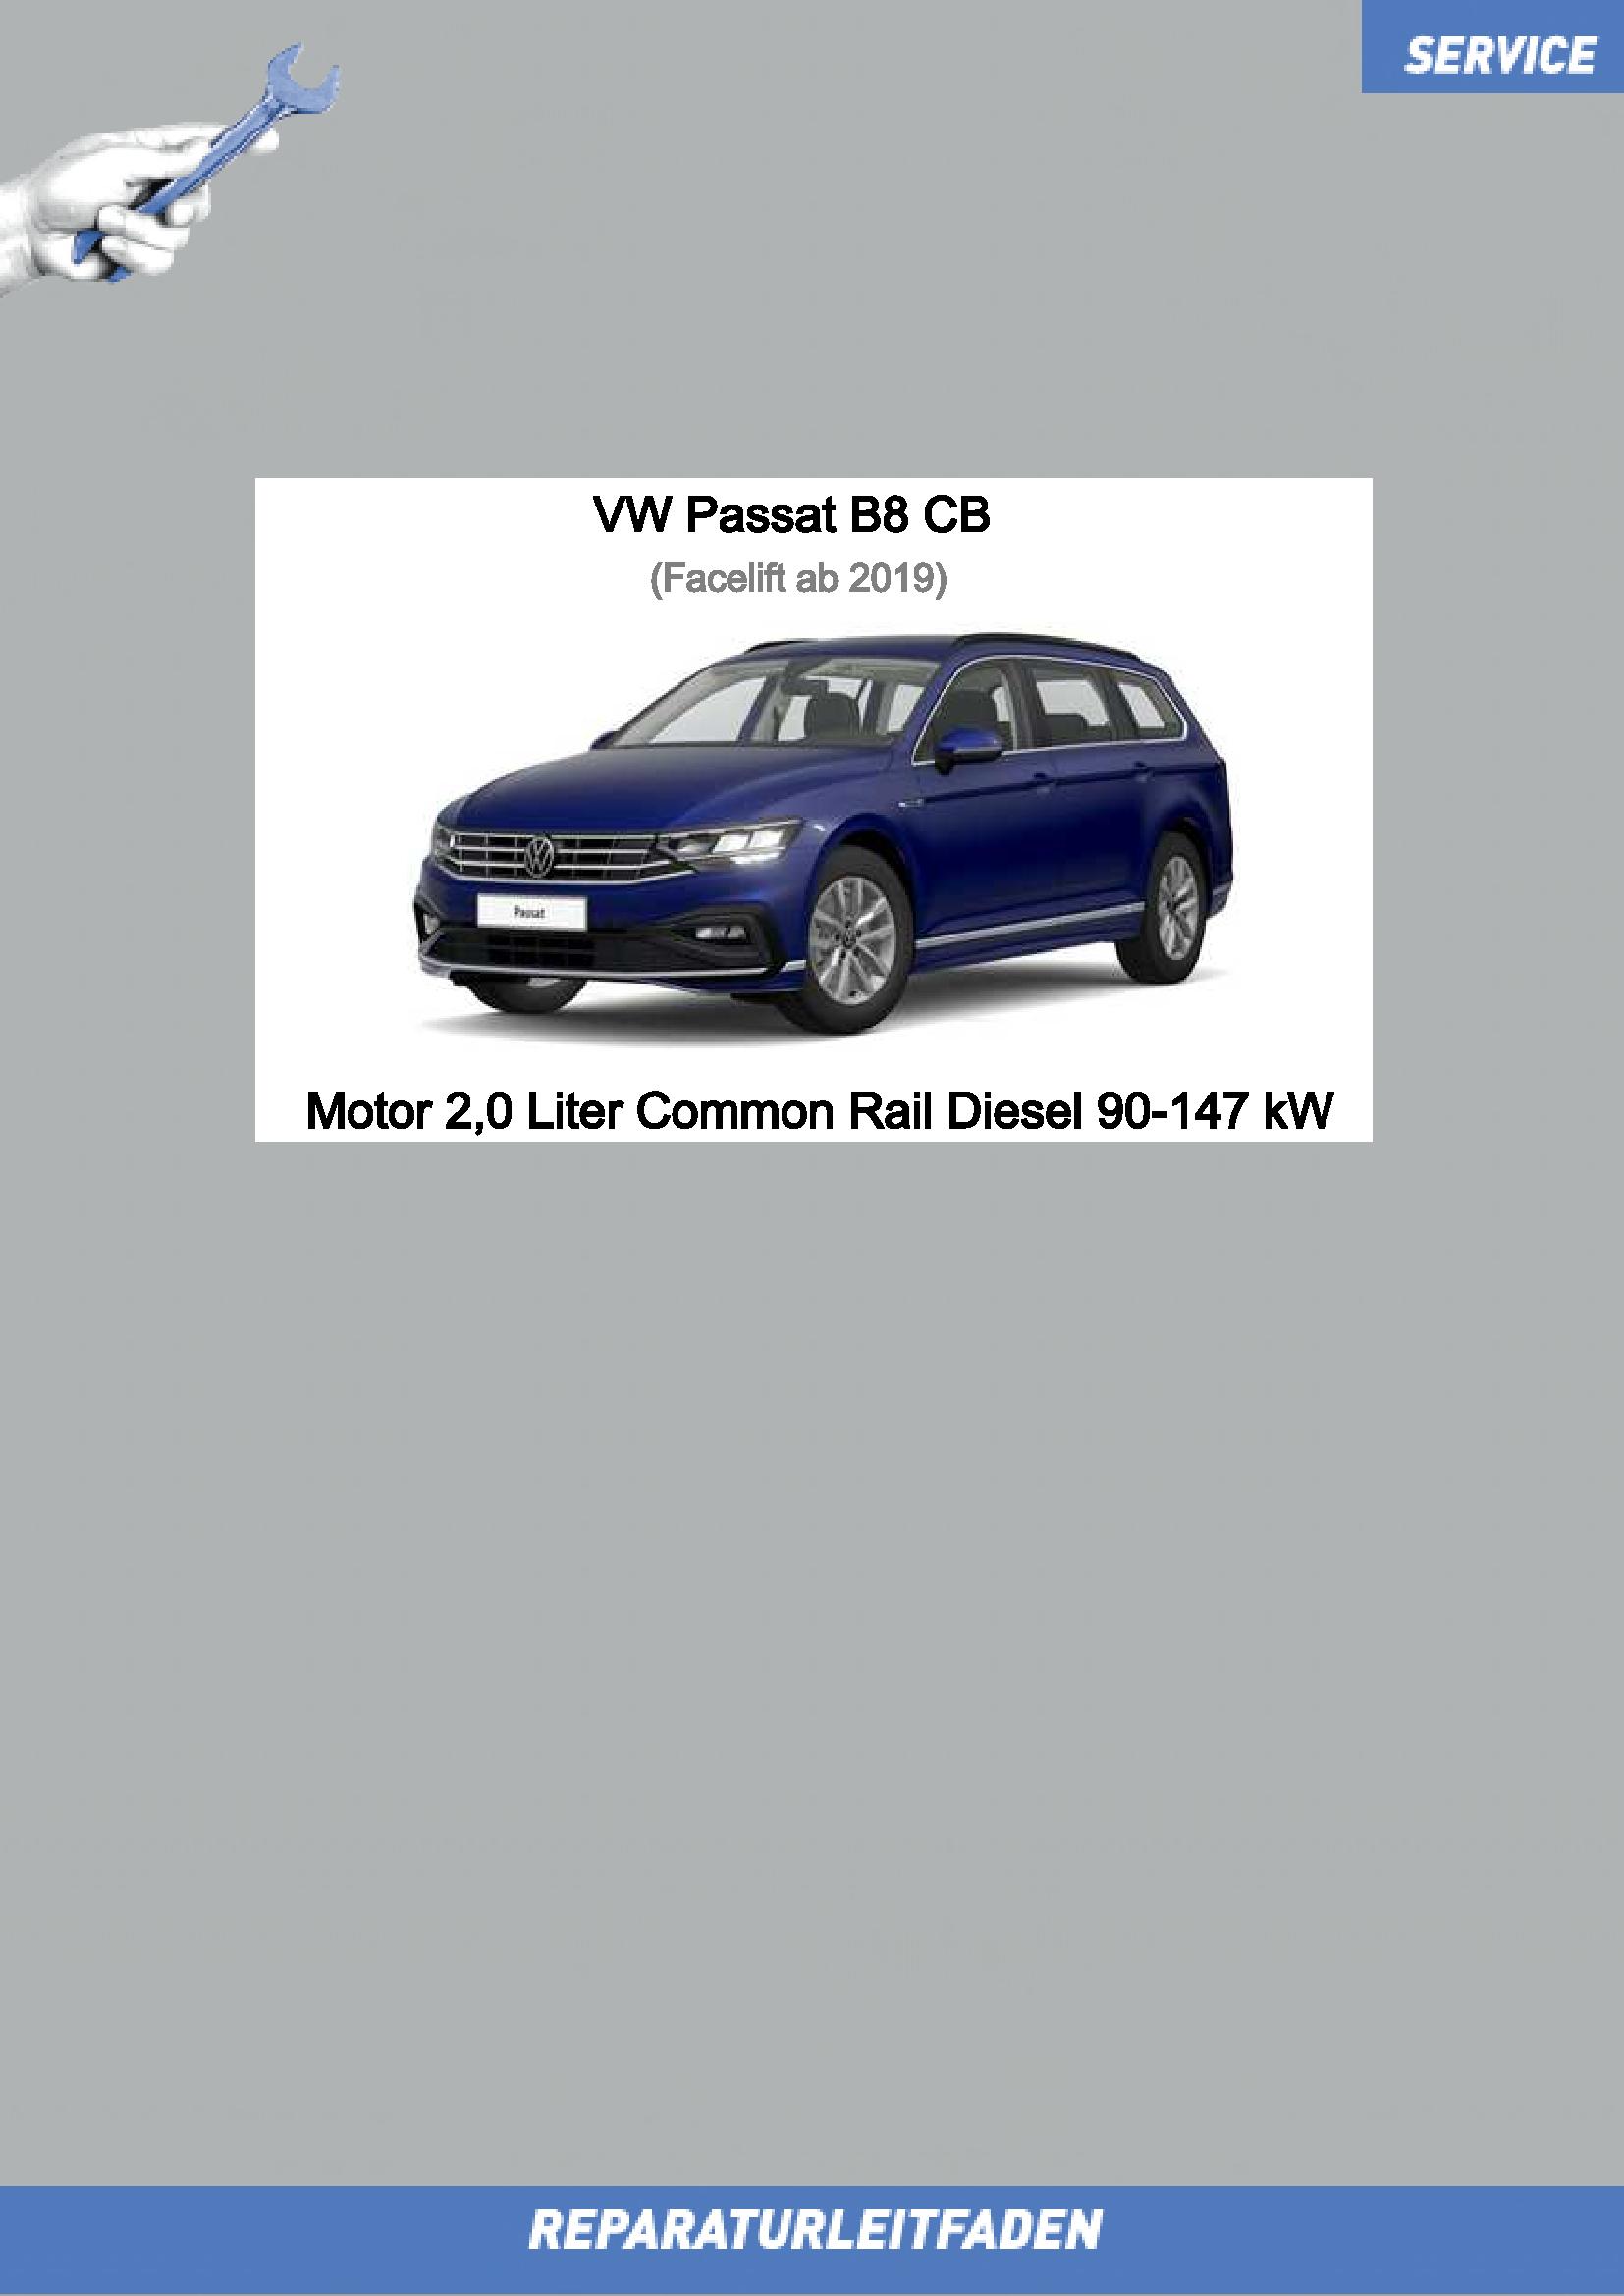 vw-passat-cb-0042-motor_2_0_liter_common_rail_diesel_90_147_kw_1.png